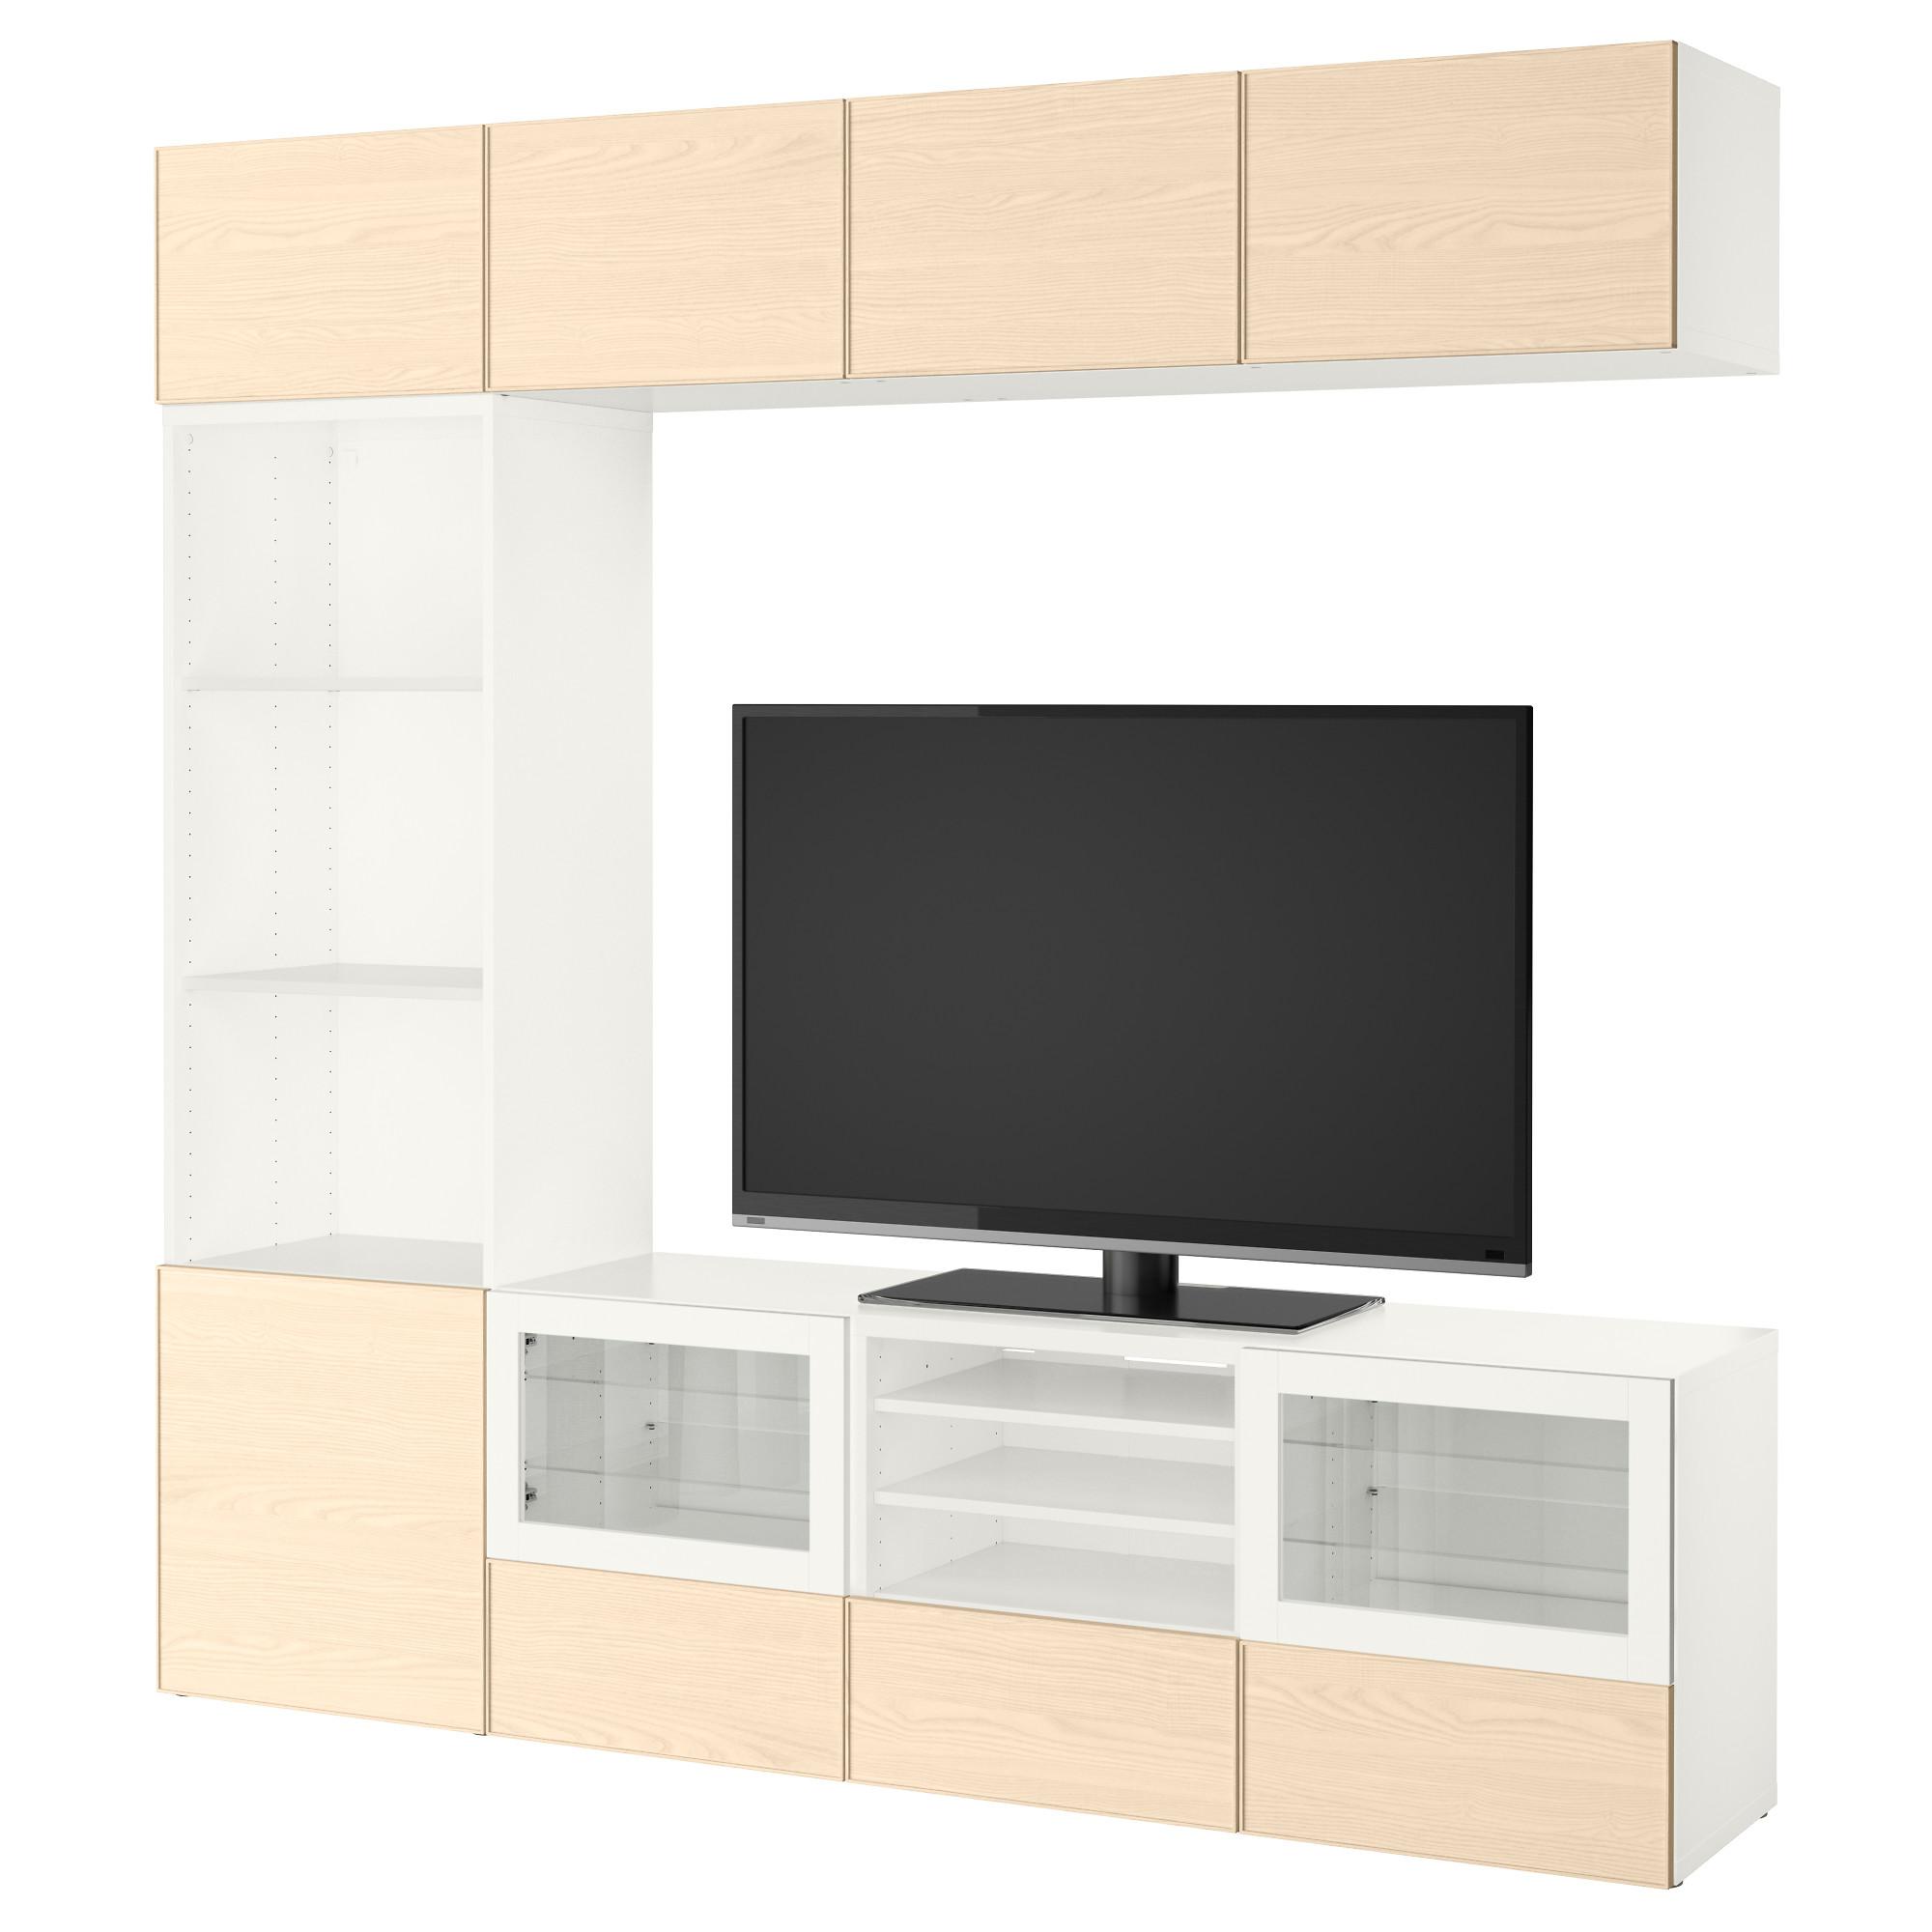 Шкаф для ТВ, комбинированный, стекляные дверцы БЕСТО белый артикуль № 092.501.41 в наличии. Online магазин IKEA Беларусь. Недорогая доставка и установка.